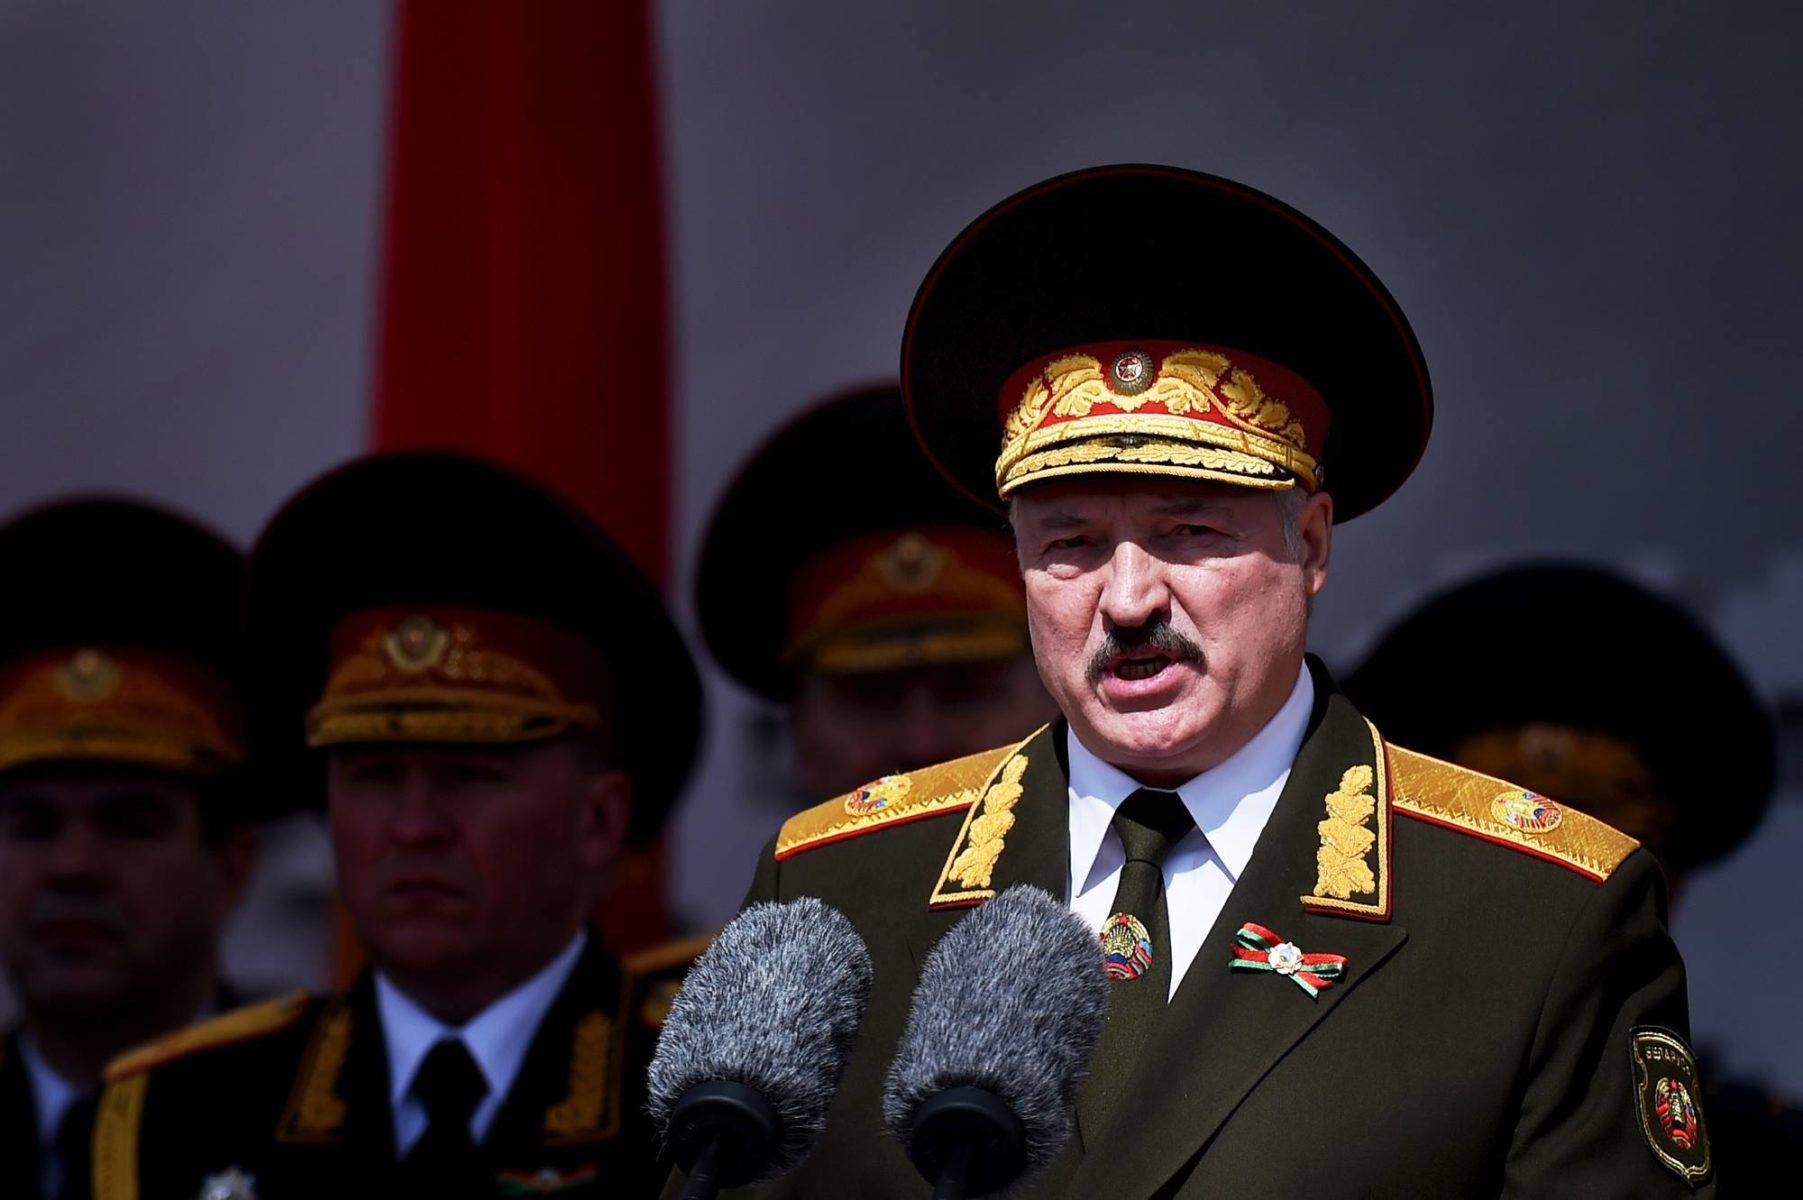 Presidentti Lukašenka puhui paraatijoukoille Minskissä 9. toukokuuta.